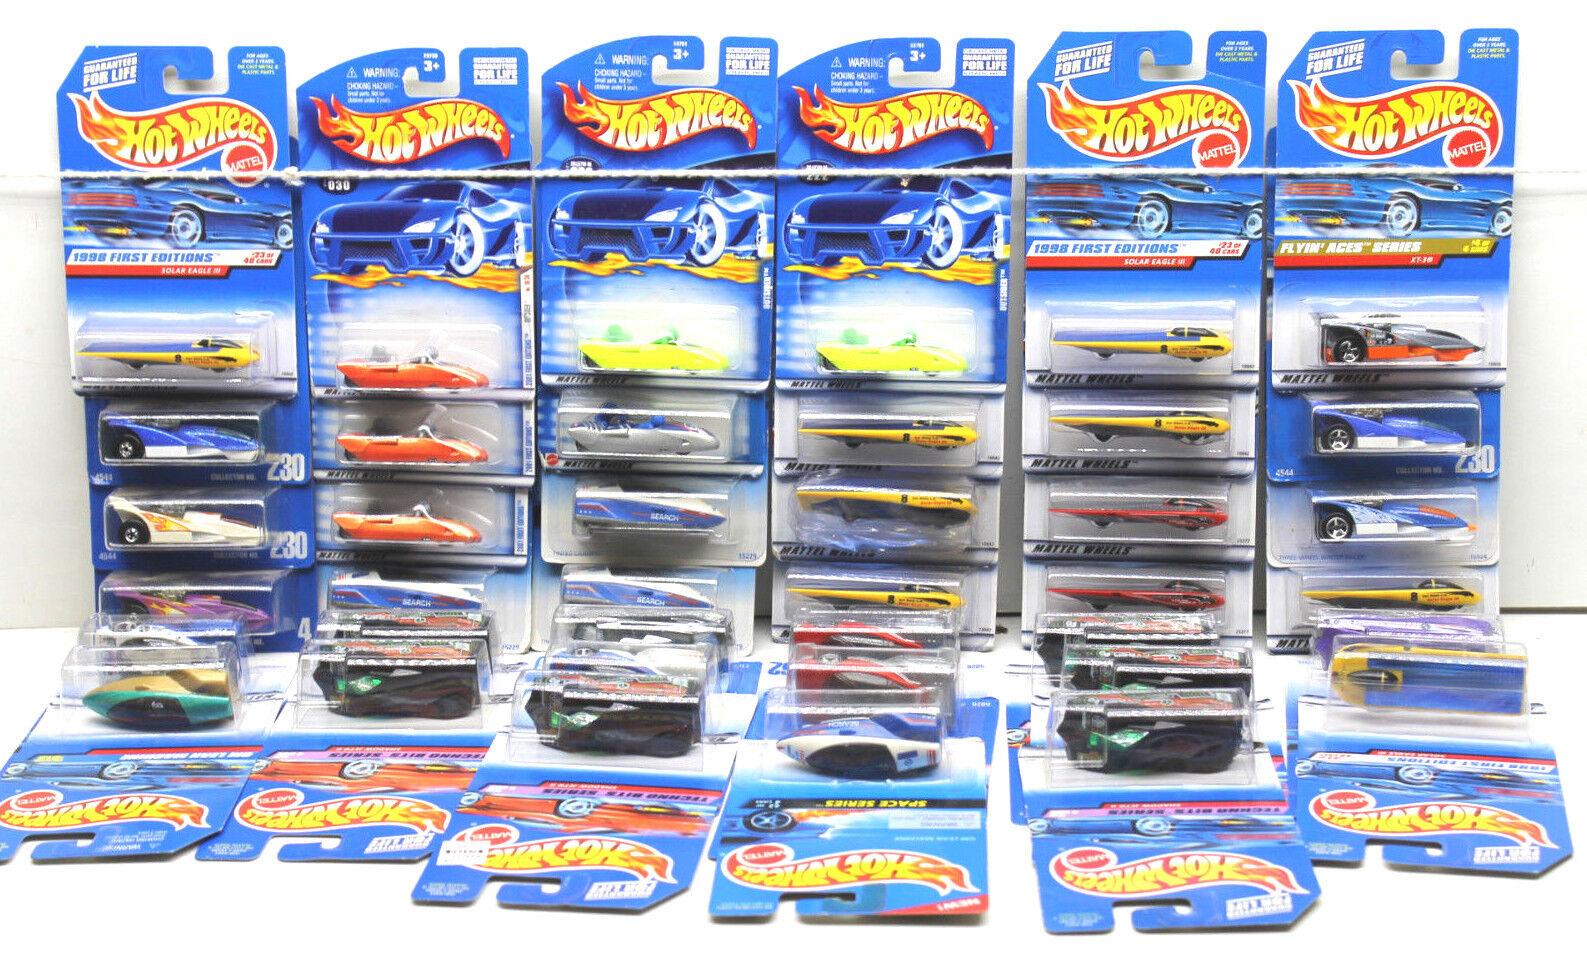 precios ultra bajos 39 PC Hot Wheels Ford Die Cast Lote Coches Solar Solar Solar + LOS EXTRAÑOS + Alien +XT-3 Mattel NOC  compra en línea hoy